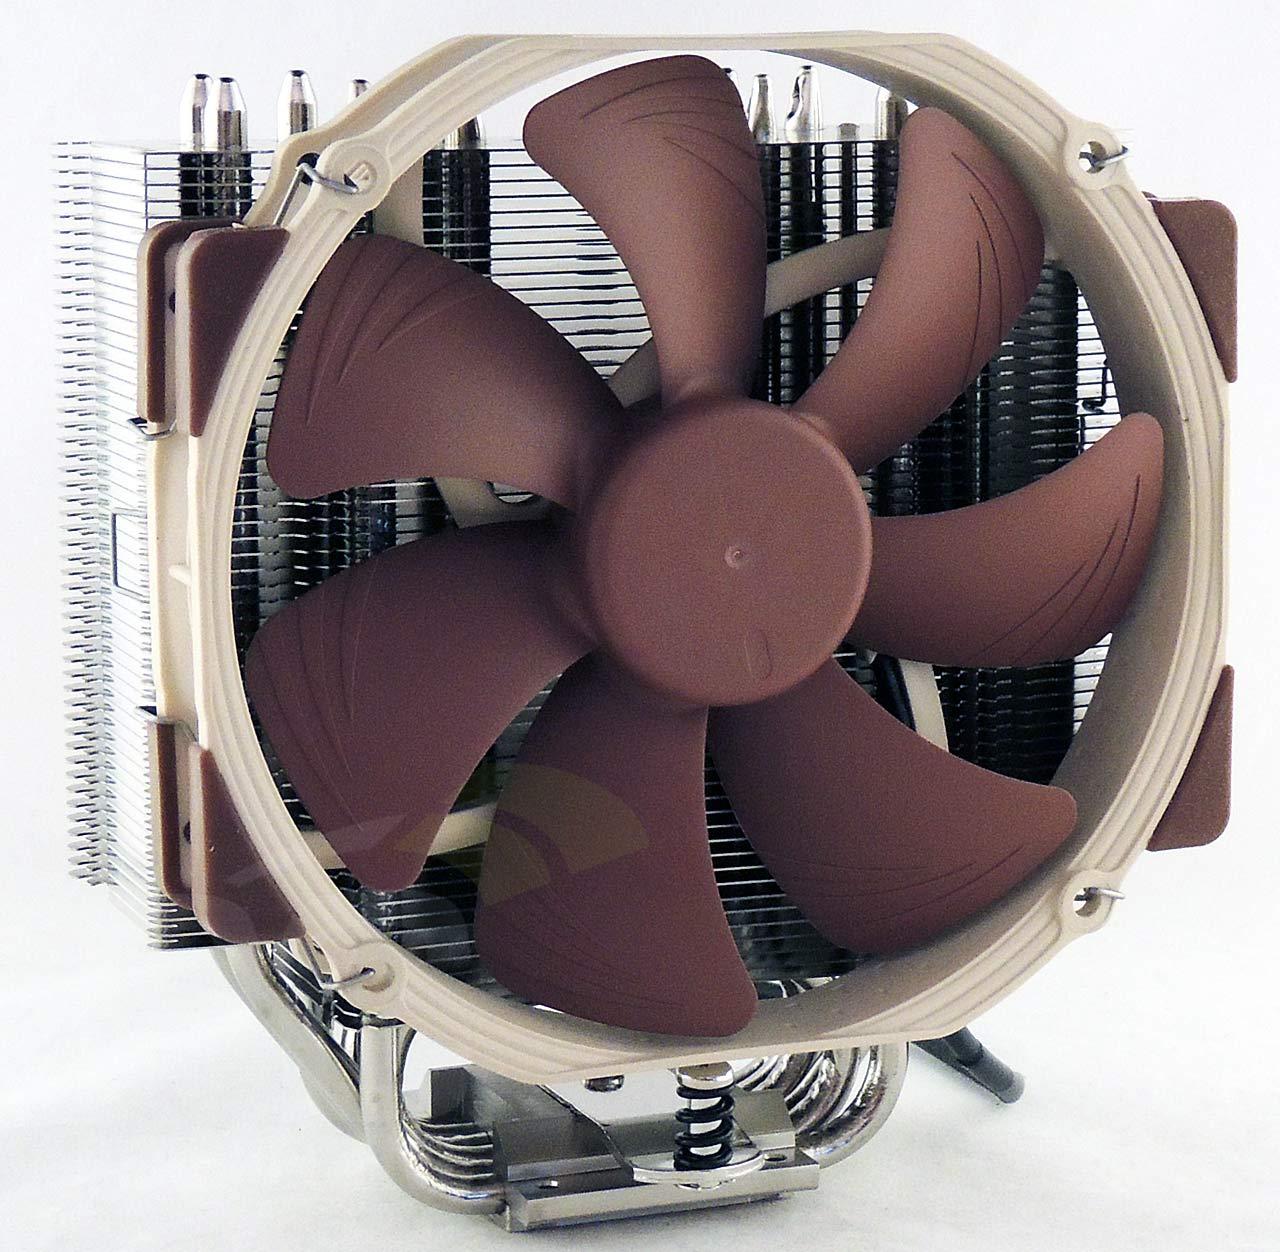 01-cooler-front-profile-fans.jpg